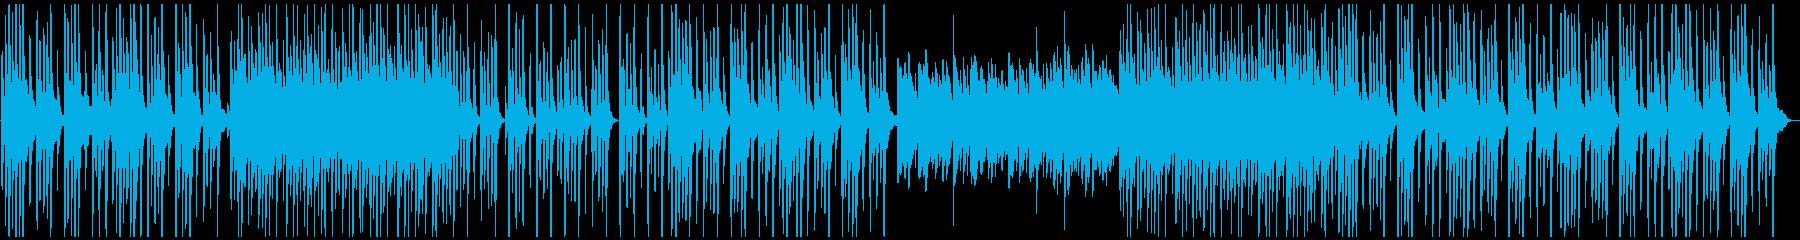 可愛いくてゆるい日常系(ドラム無し)の再生済みの波形